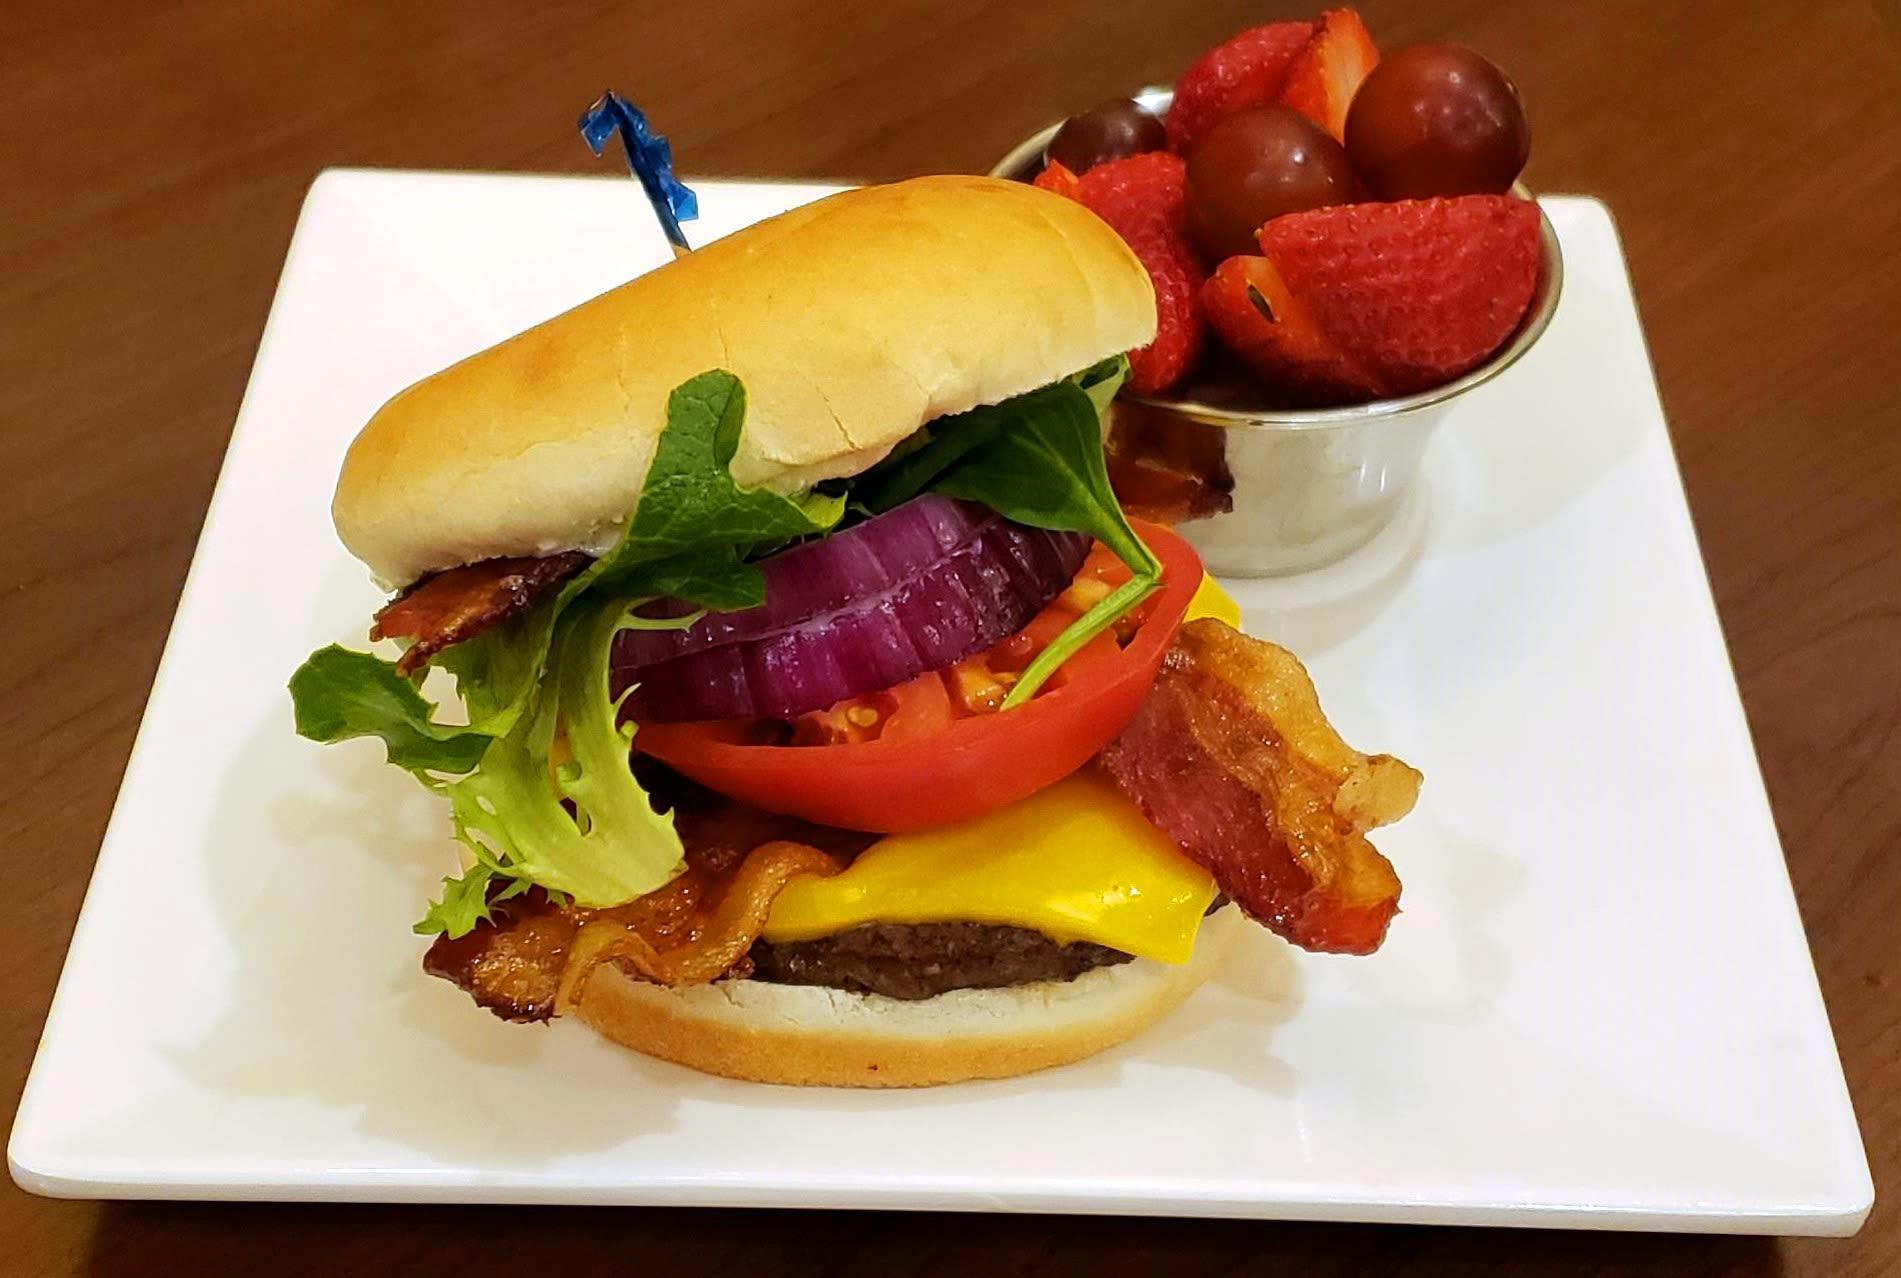 Bacon Cheeseburger Timber Pointe Senior Living